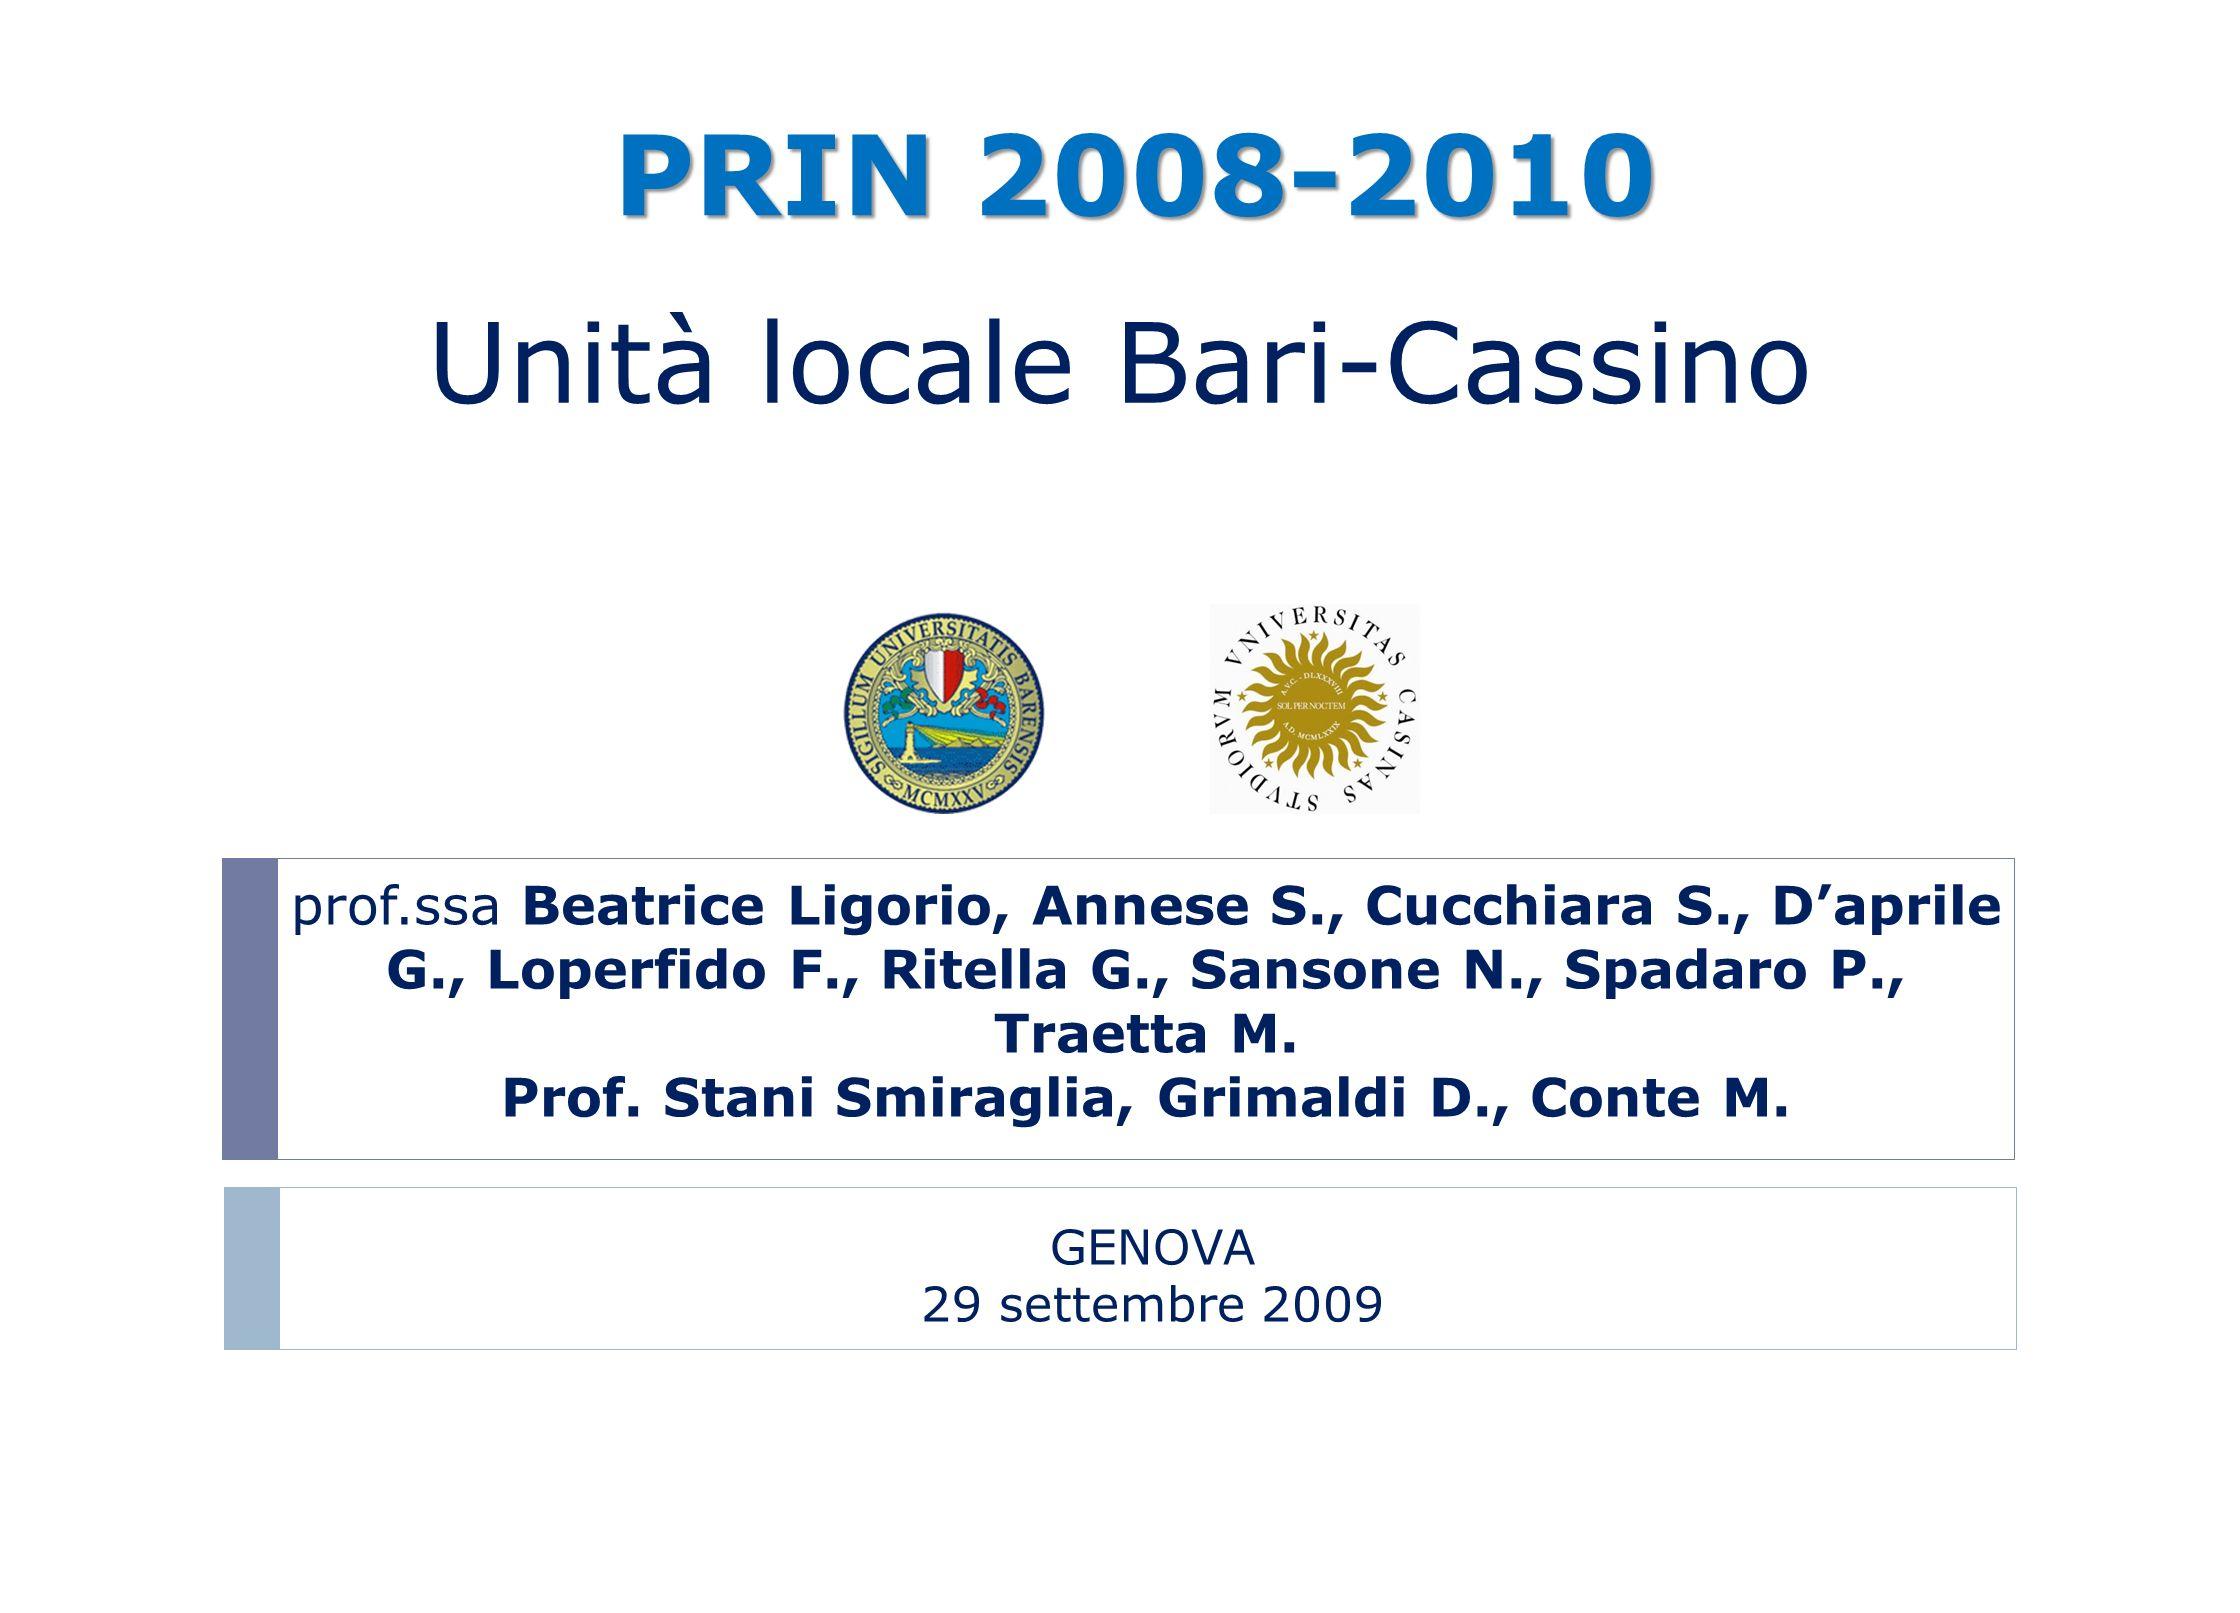 Prof. Stani Smiraglia, Grimaldi D., Conte M.